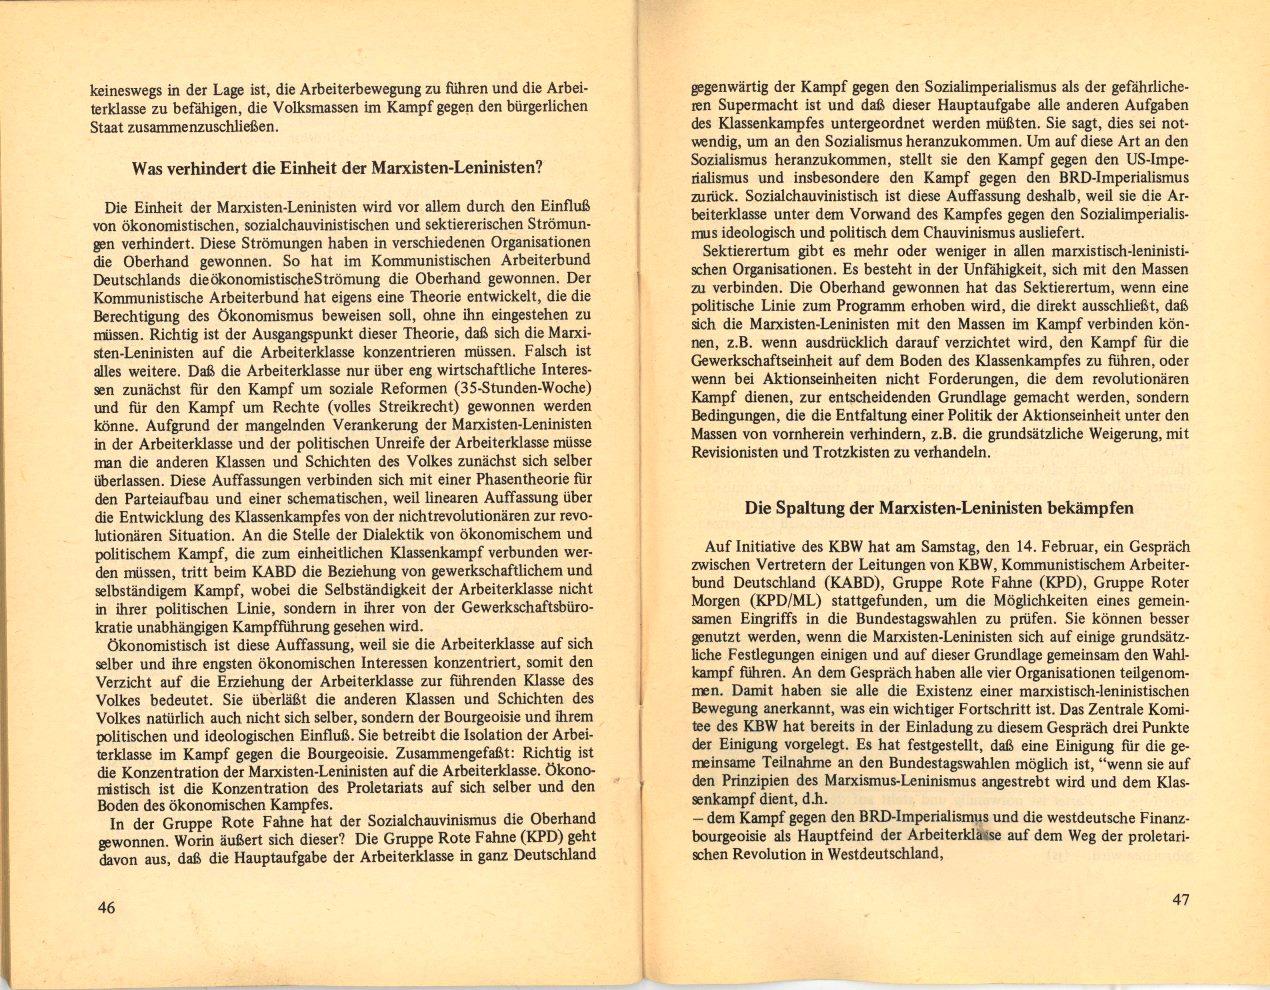 KBW_Materialien_zur_Auseinandersetzung_in_der_mlB_1976_25